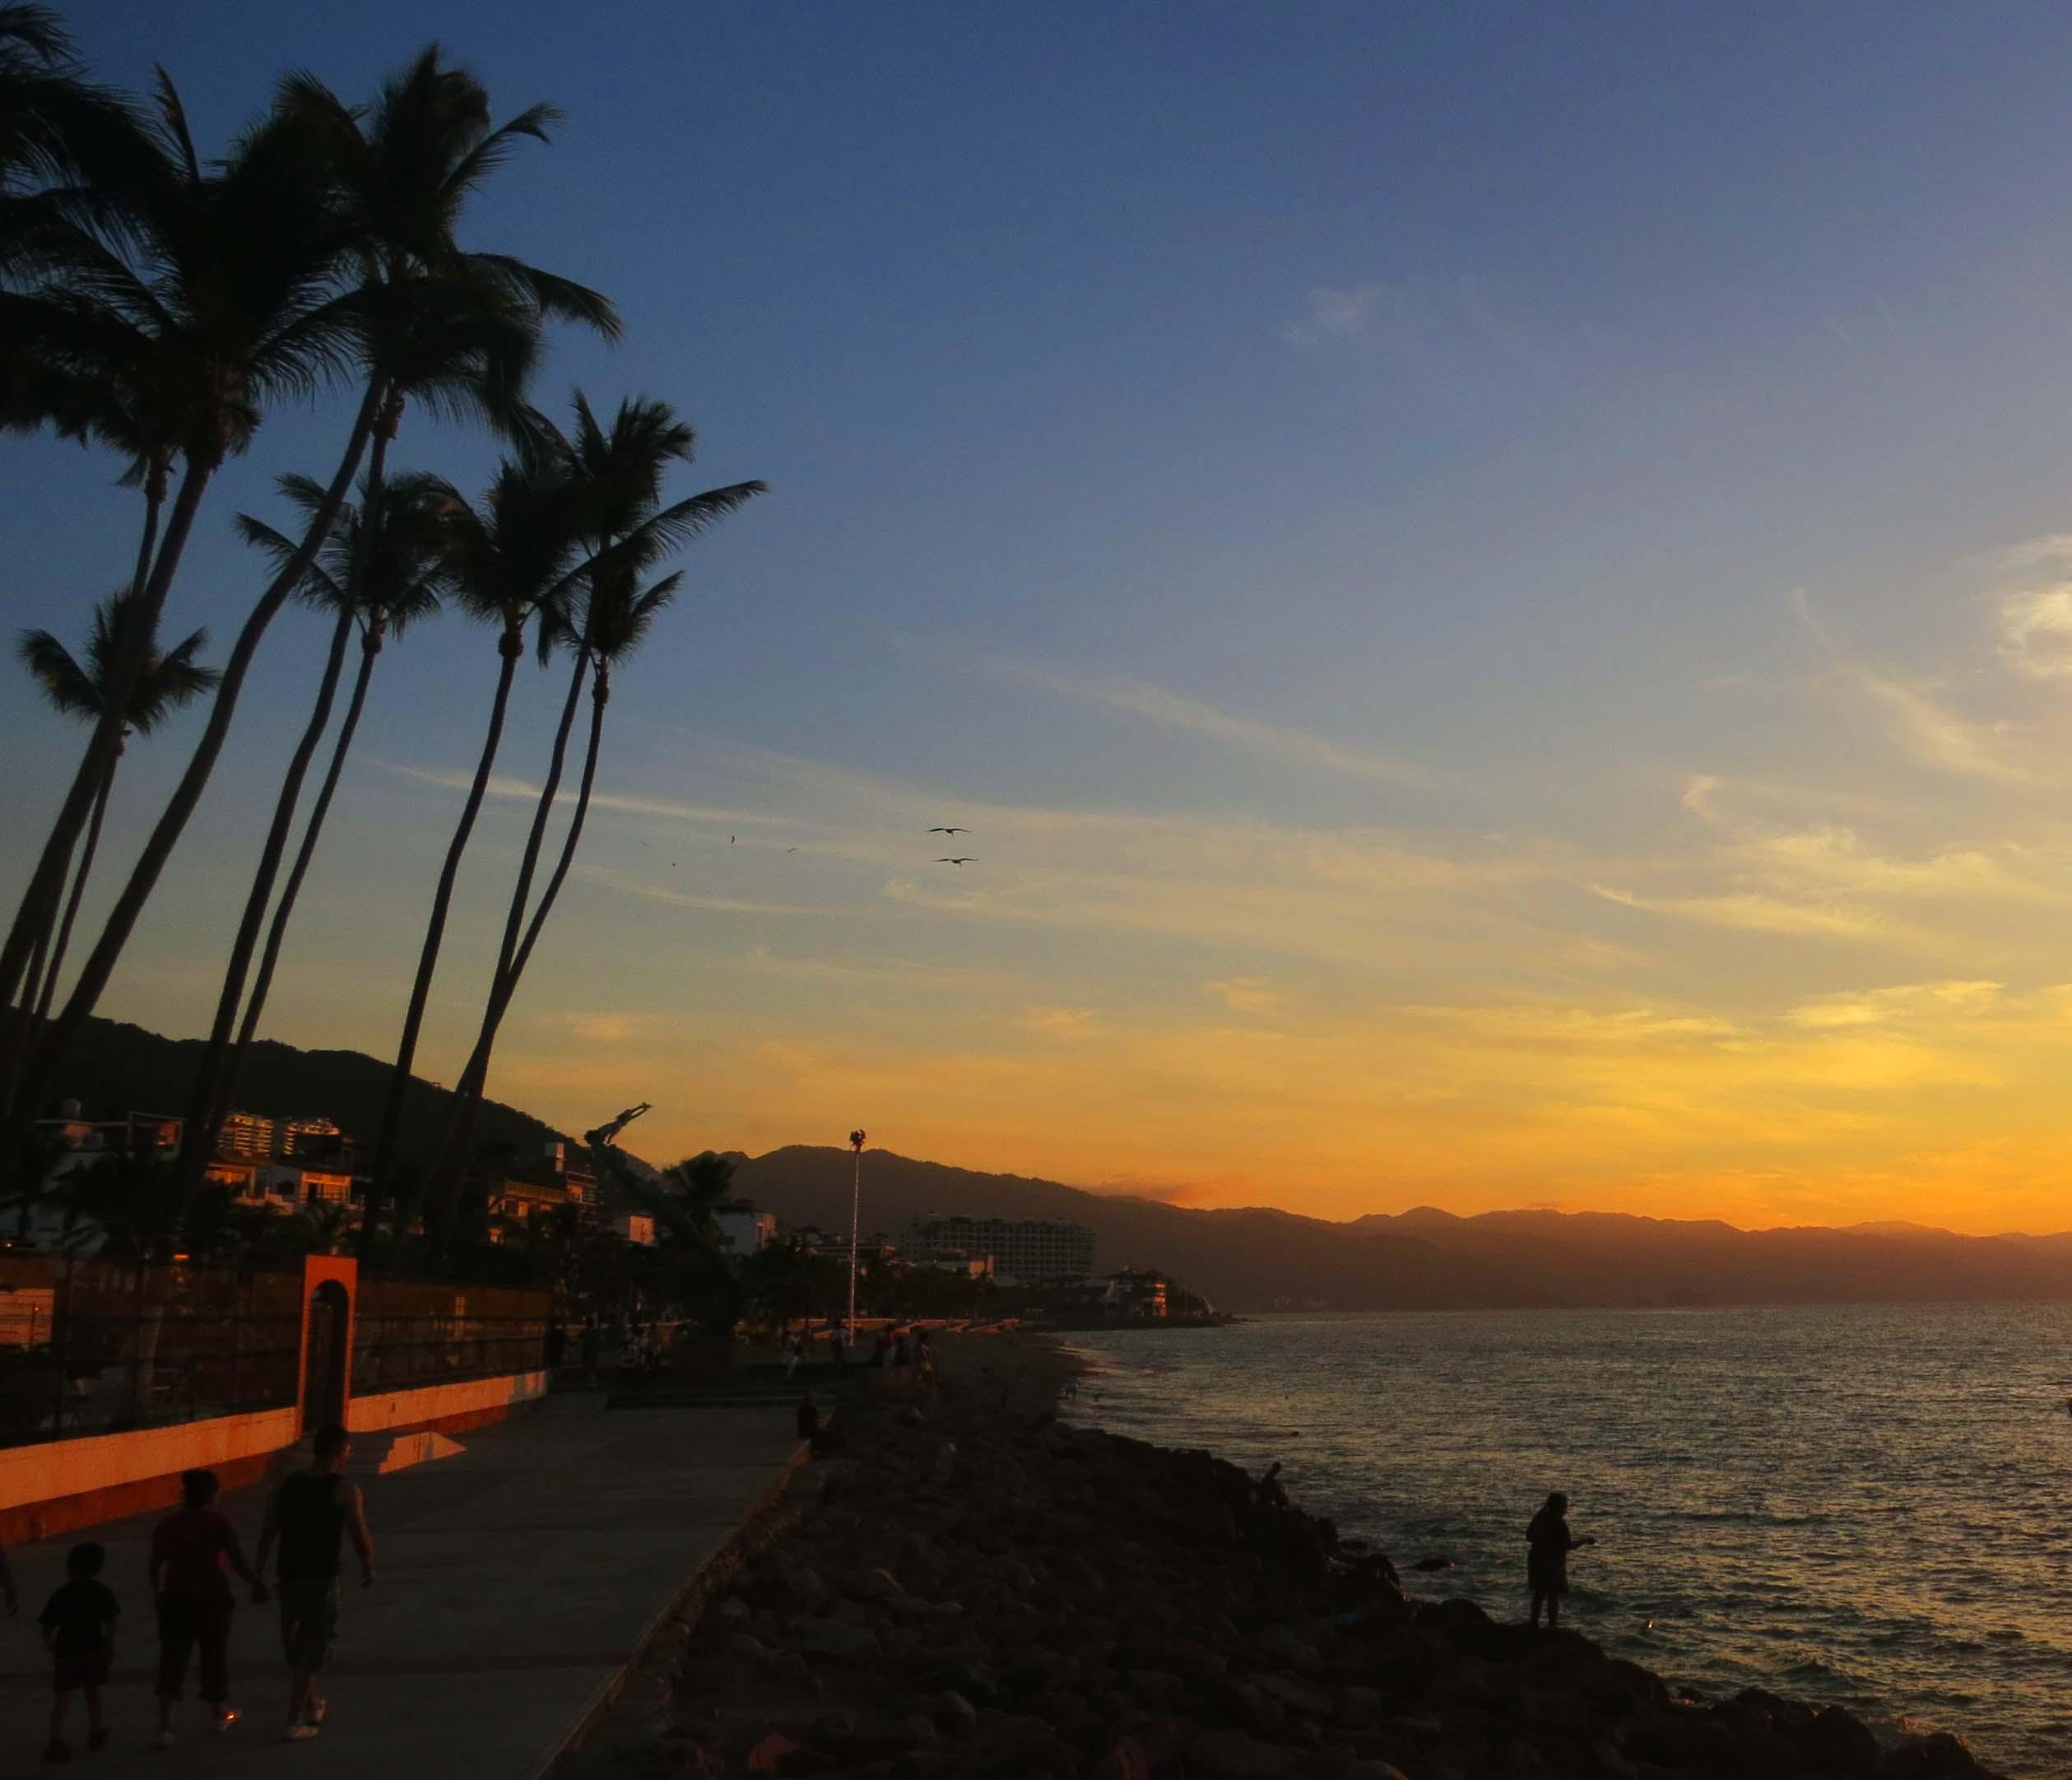 Sunset along Malecon in Puerto Vallarta. (Photo by Curtis Mekemson.)